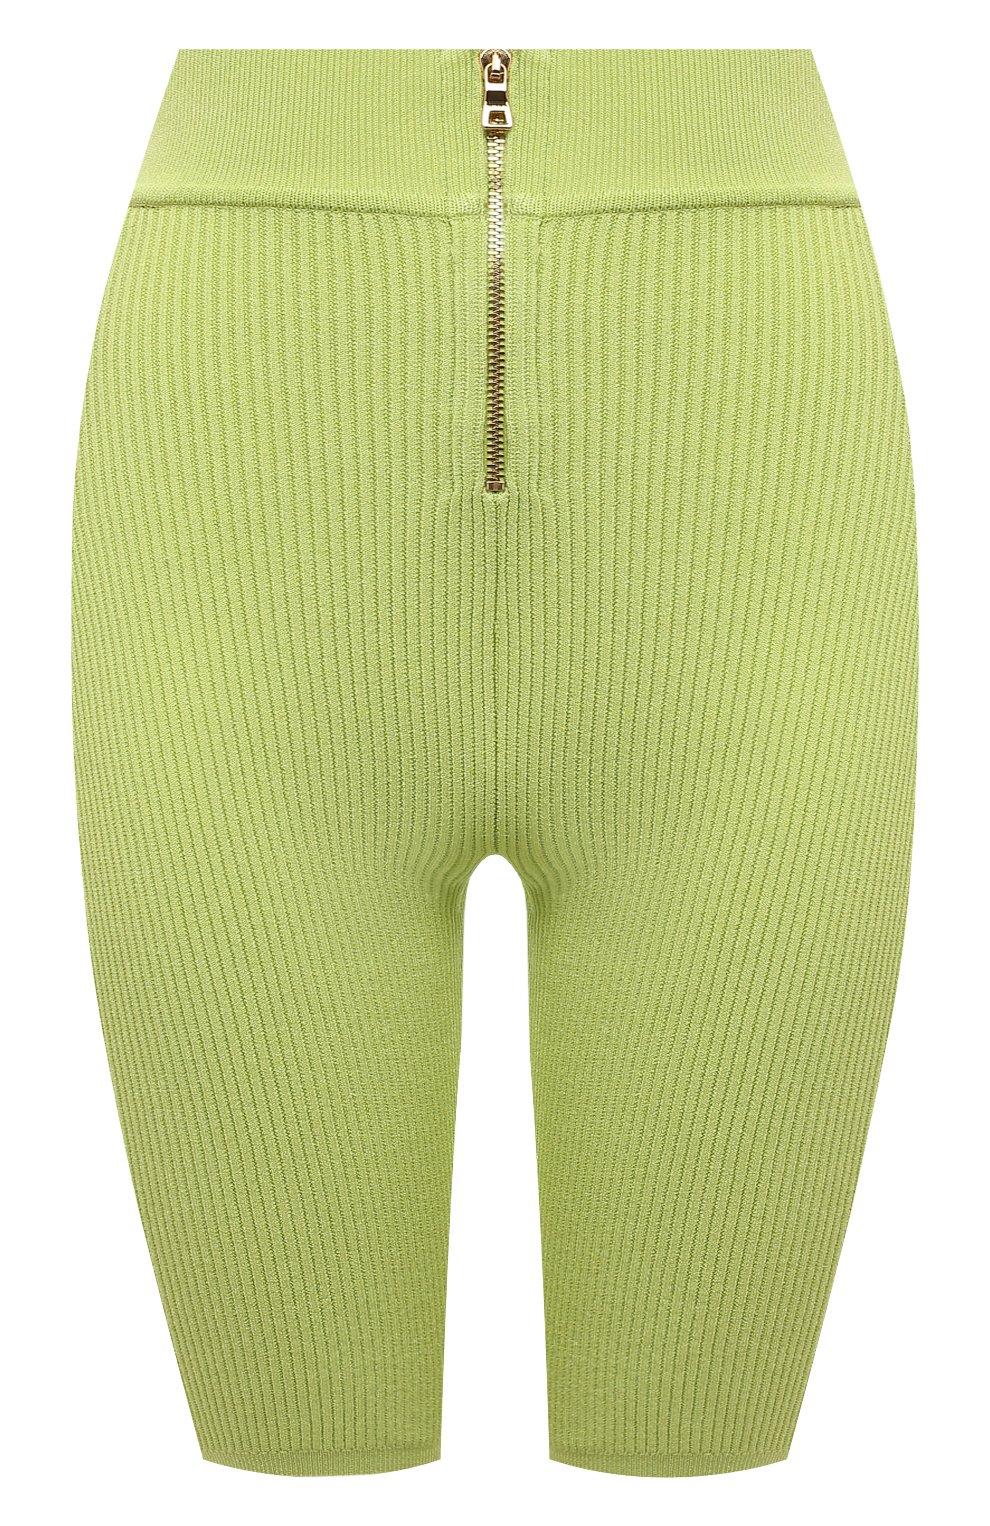 Женские шорты из вискозы BALMAIN зеленого цвета, арт. VF0PB015/K211 | Фото 1